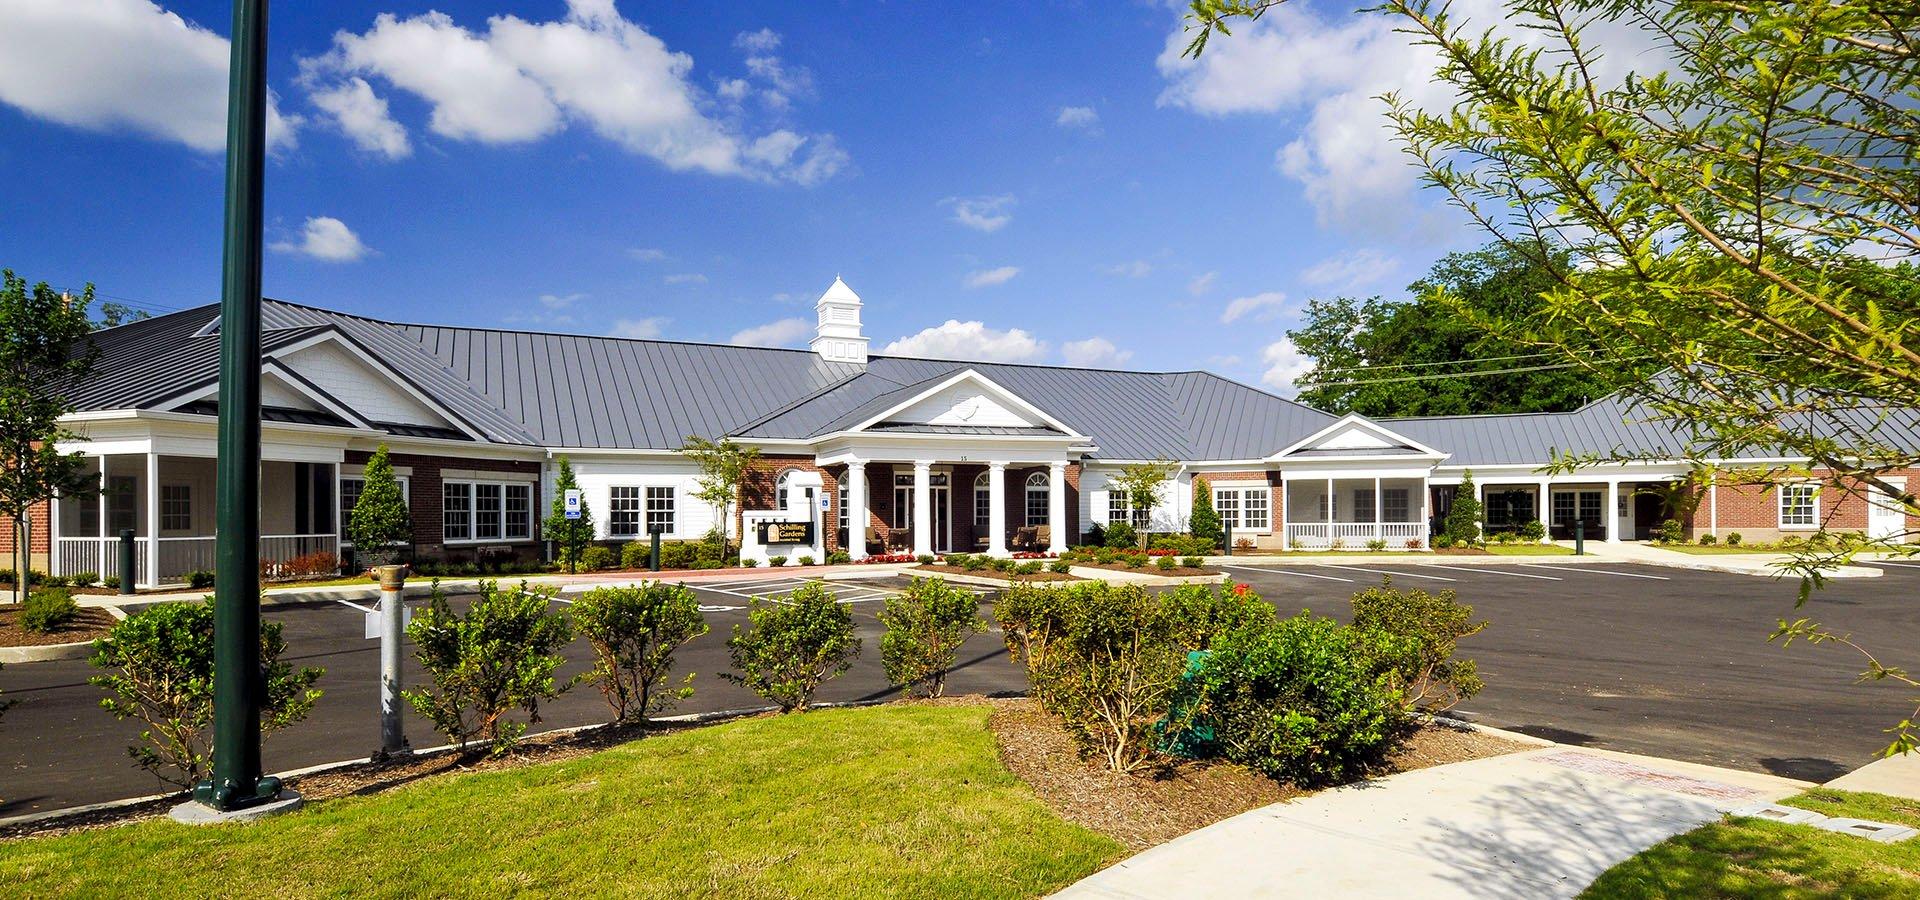 Schilling Gardens | Collierville, Tennessee | Brindley Construction, LLC.